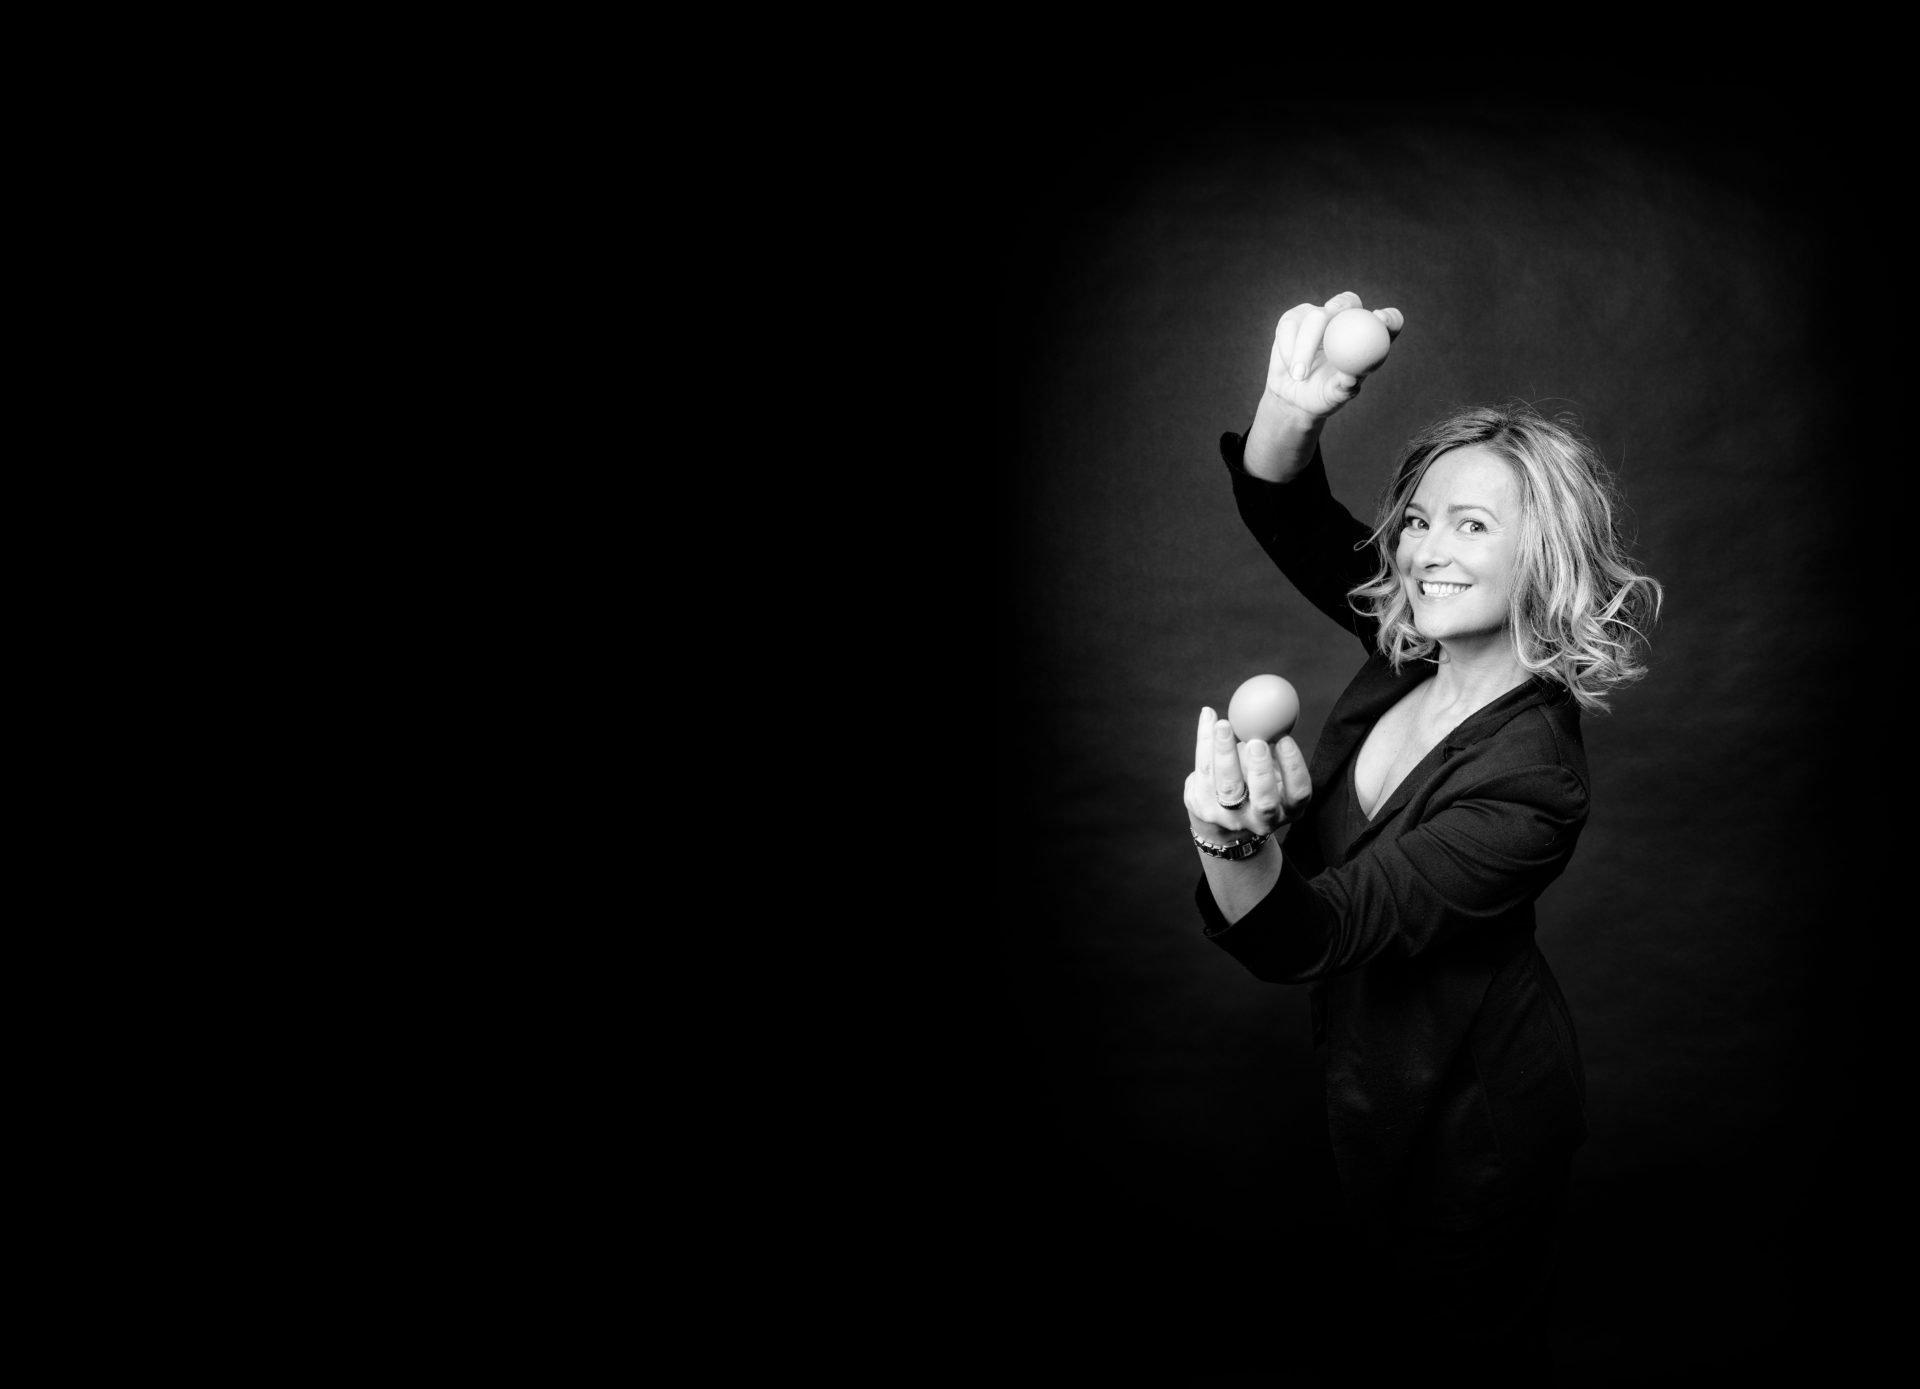 Agenda Ballarin: una de Influencers en Mónaco, el estreno de Horeca Speakers y mucha, mucha Formación (con mayúscula)